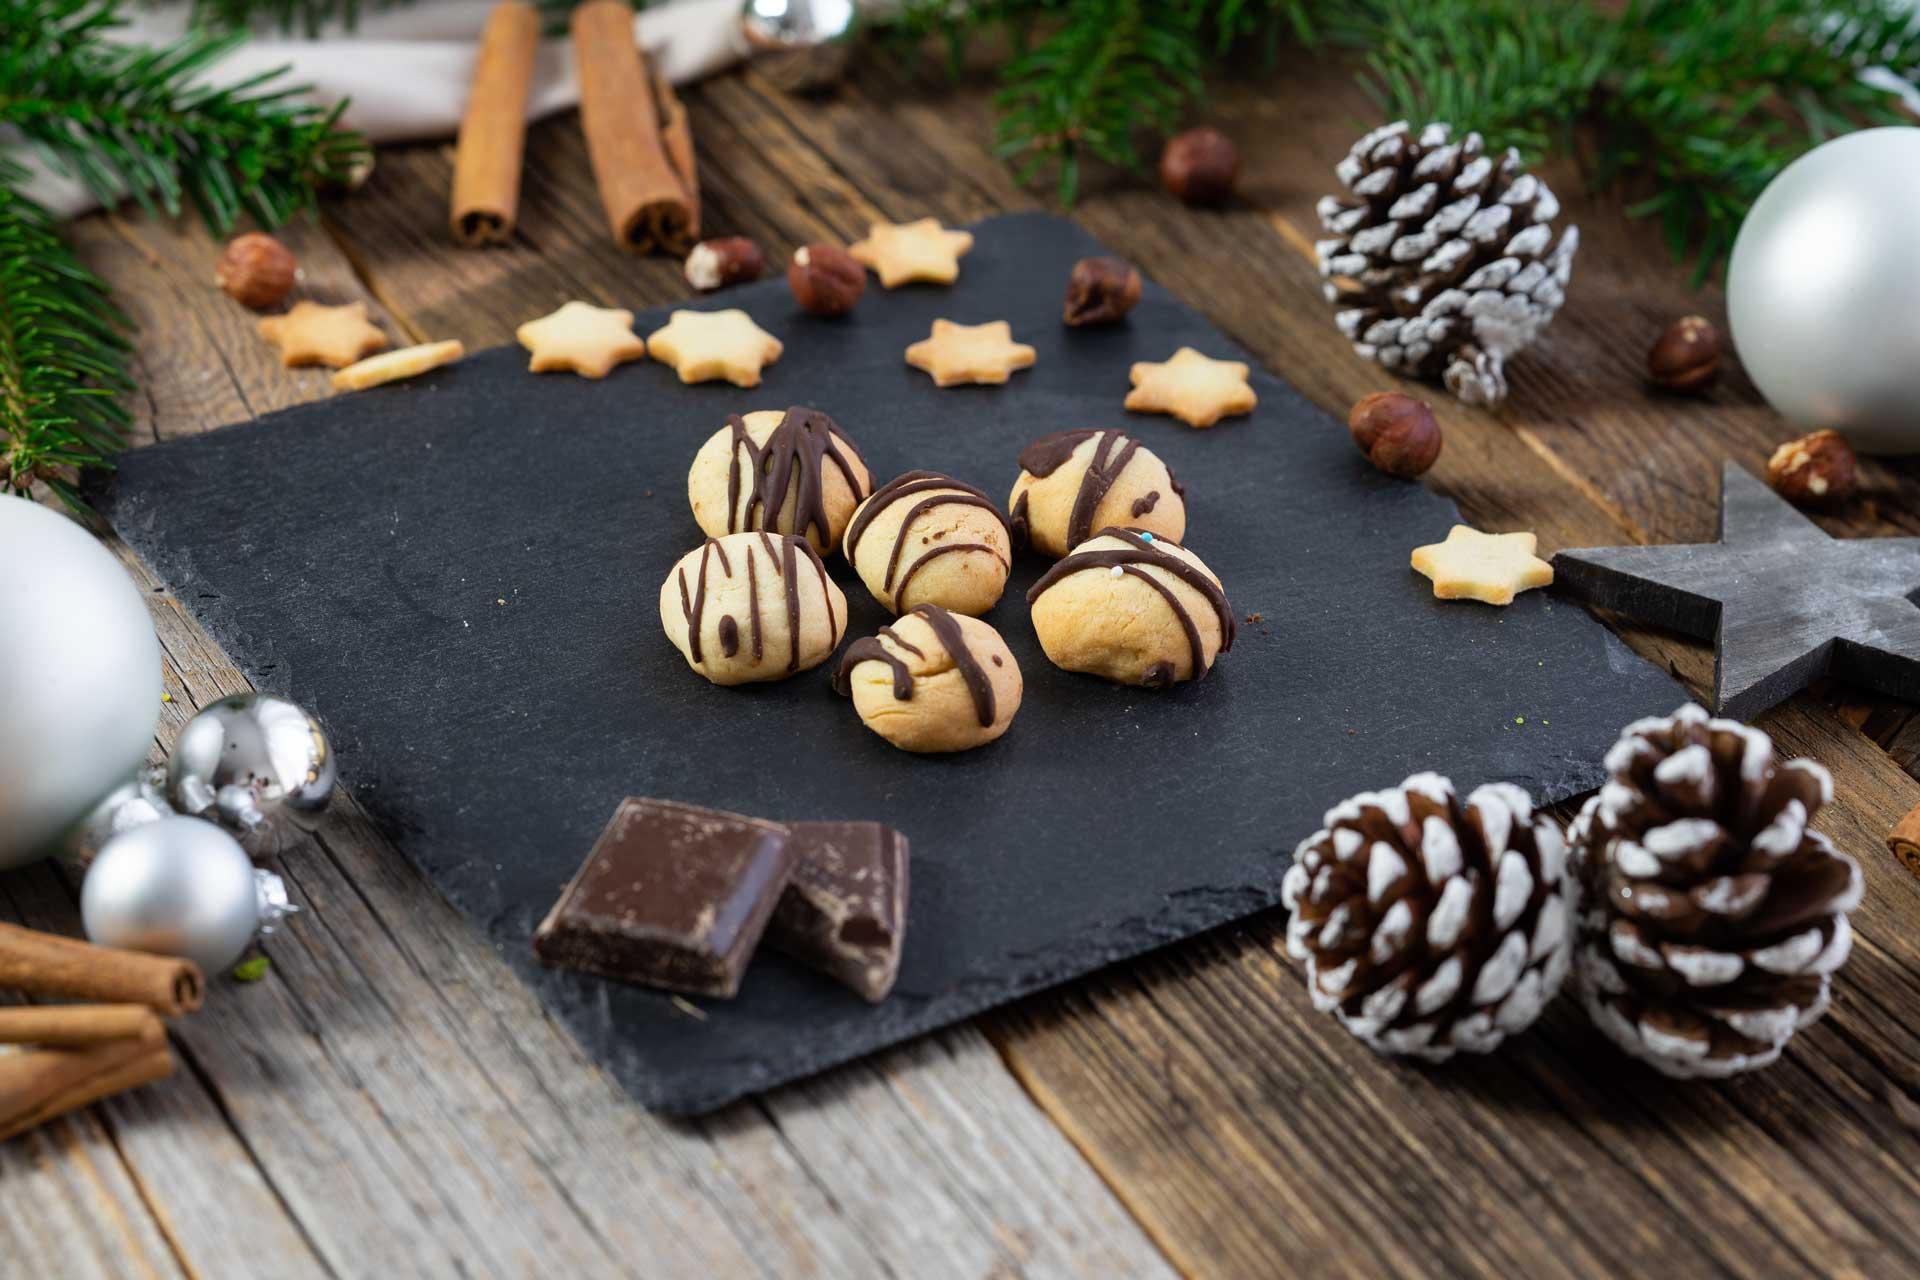 kleine Keksgugeln mit Schokolade garniert, weihnachtlicher Hintergrund